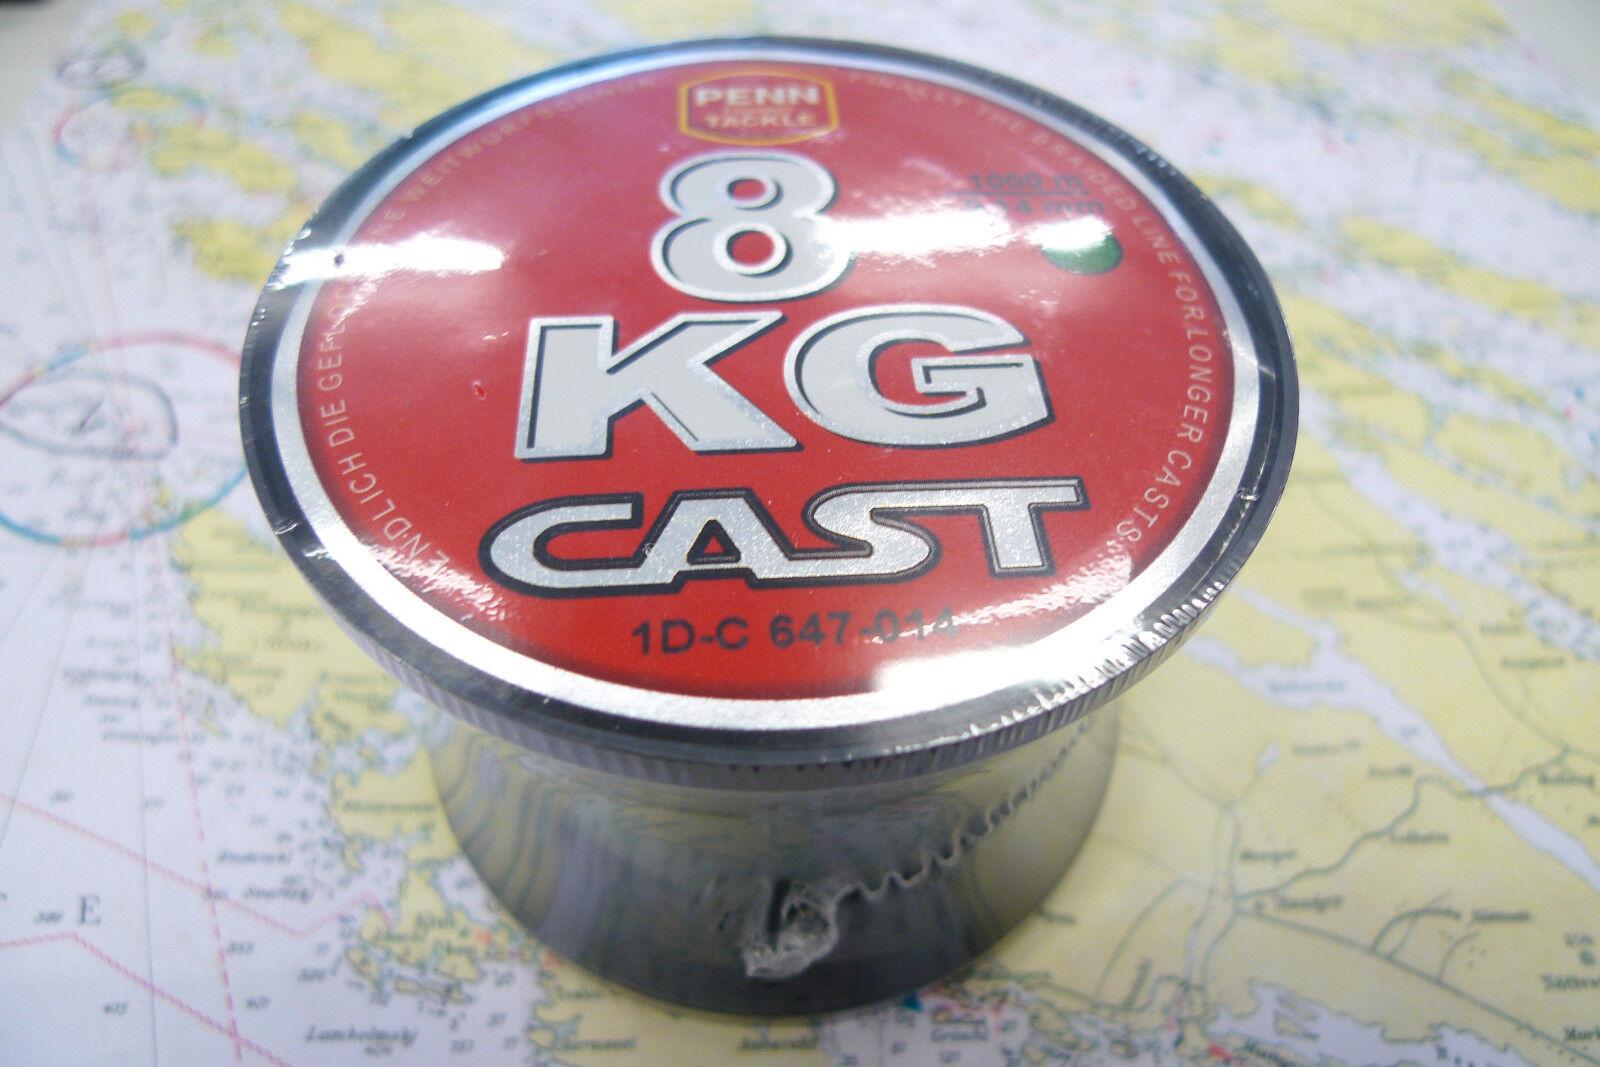 PENN 8KG CAST GEFLOCHTENE SCHNUR  0,14mm grün, Tragkr. 8kg, 1000 Meter   m